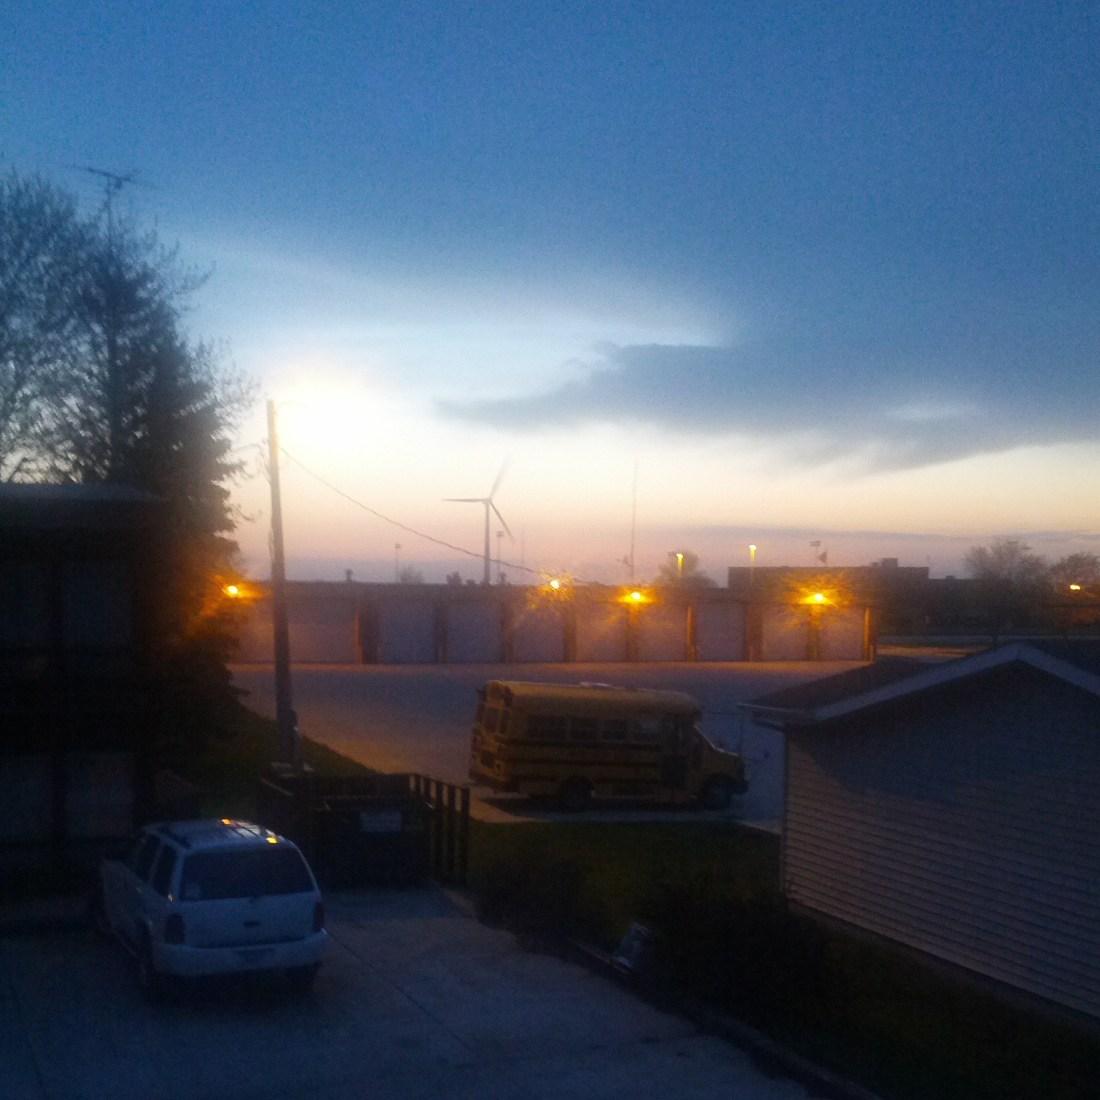 blurry stormy sky